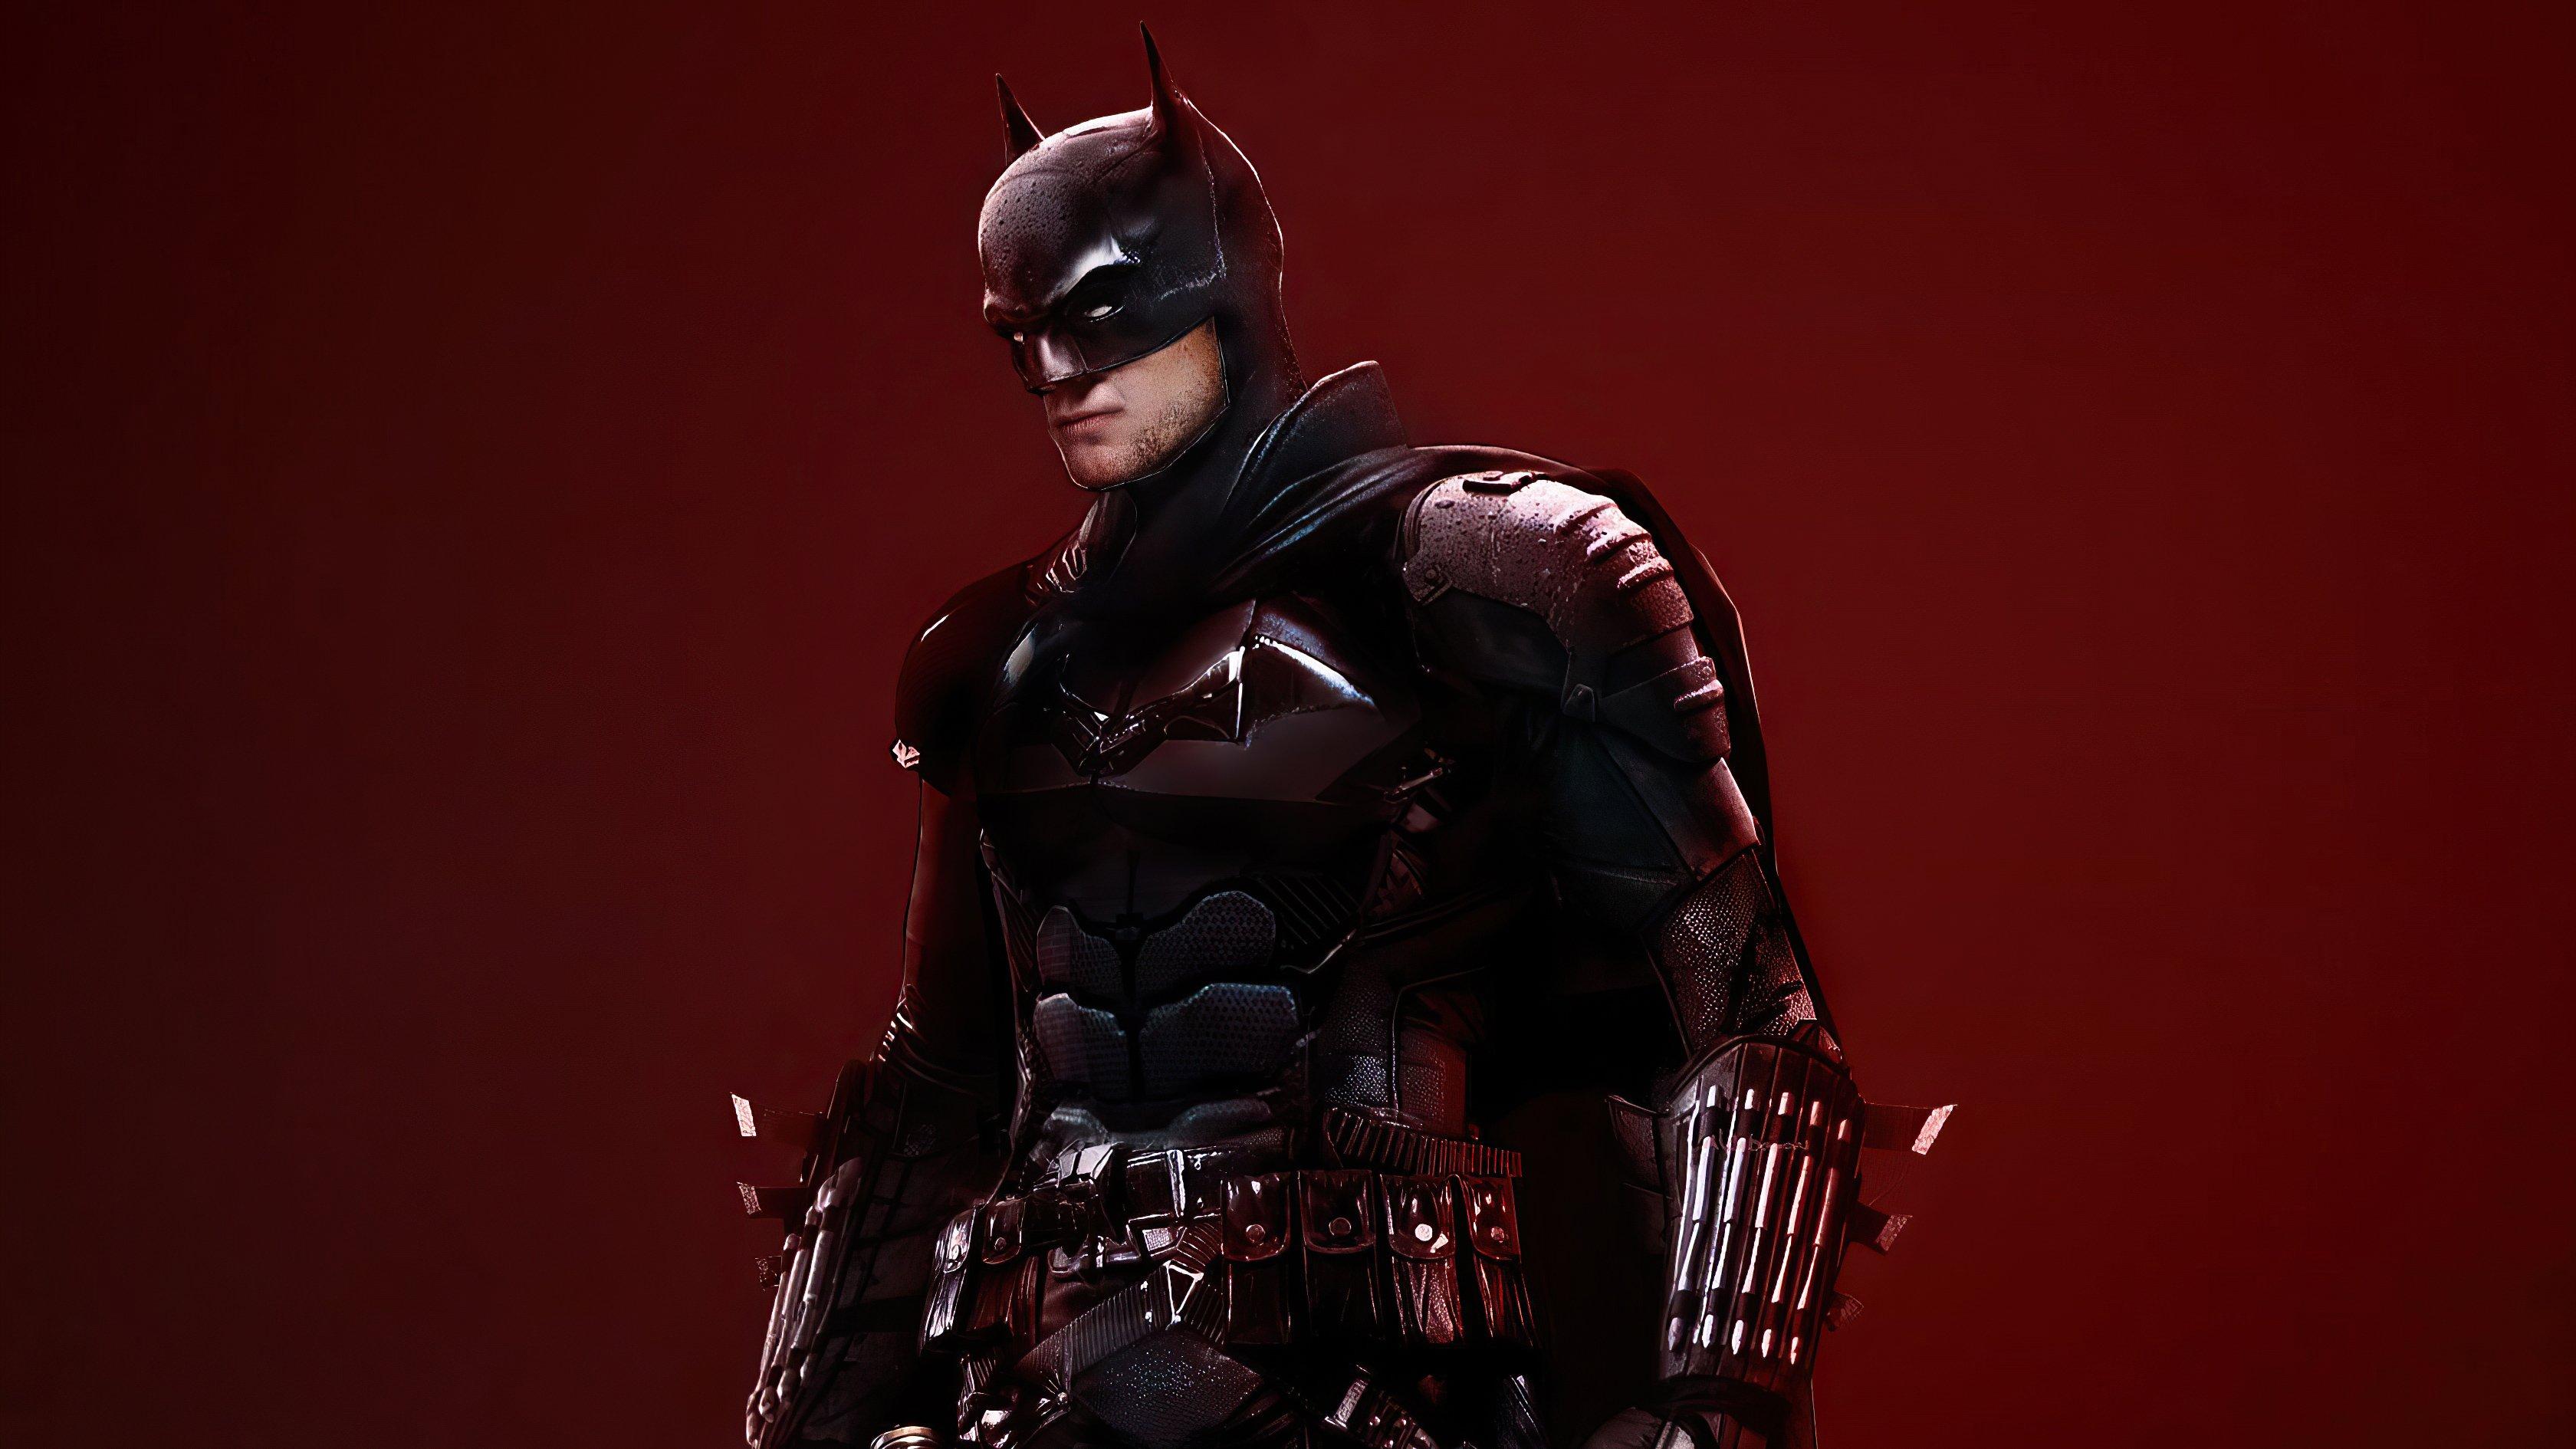 Fondos de pantalla Robert Pattinson como Batman 2021